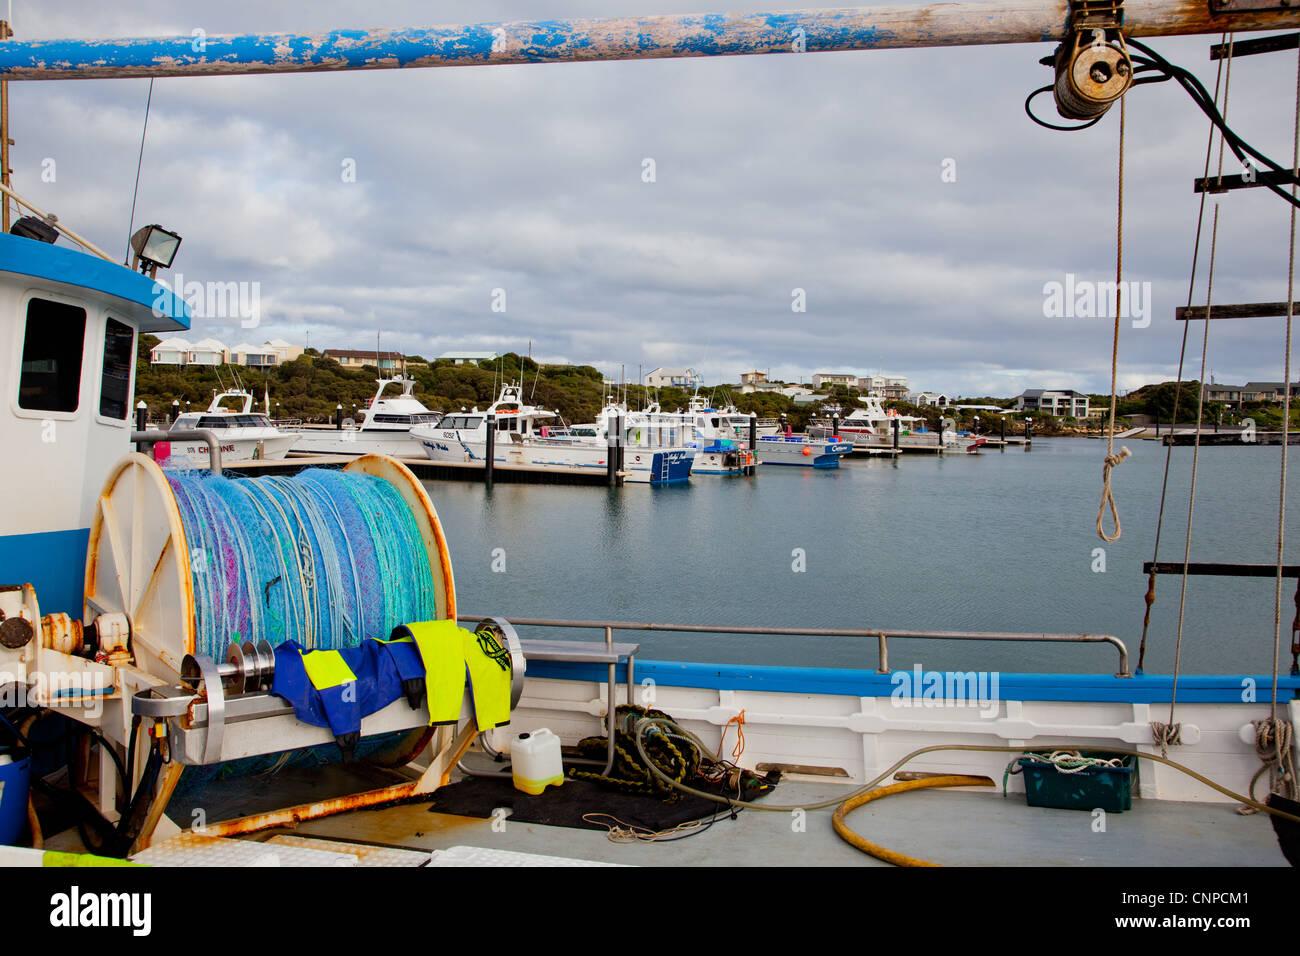 Fishing boats at Robe. South Australia. - Stock Image